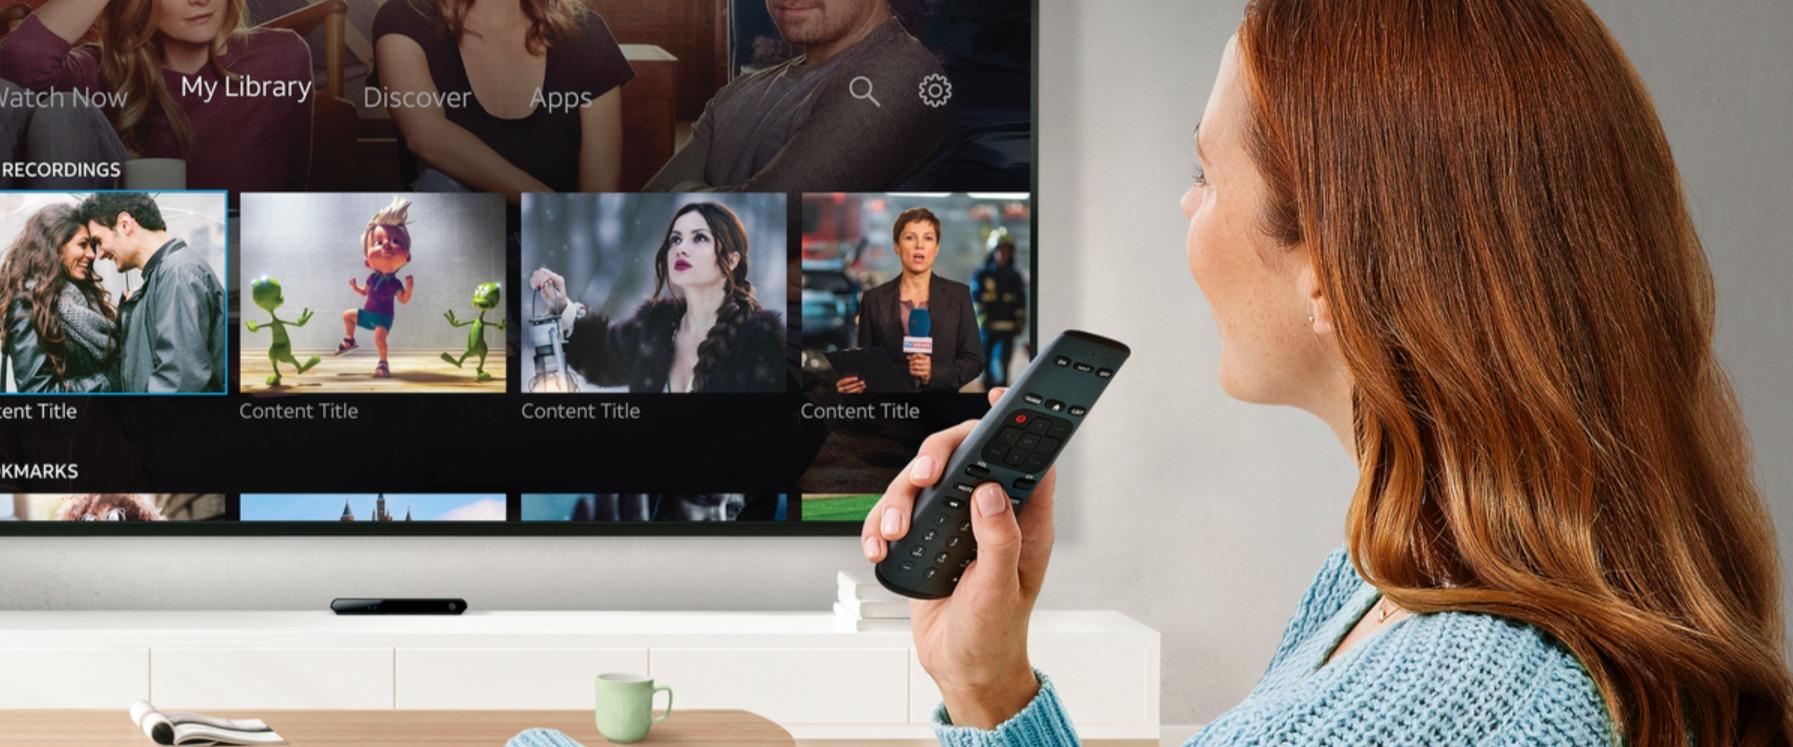 Android Tv Sprachsteuerung Header